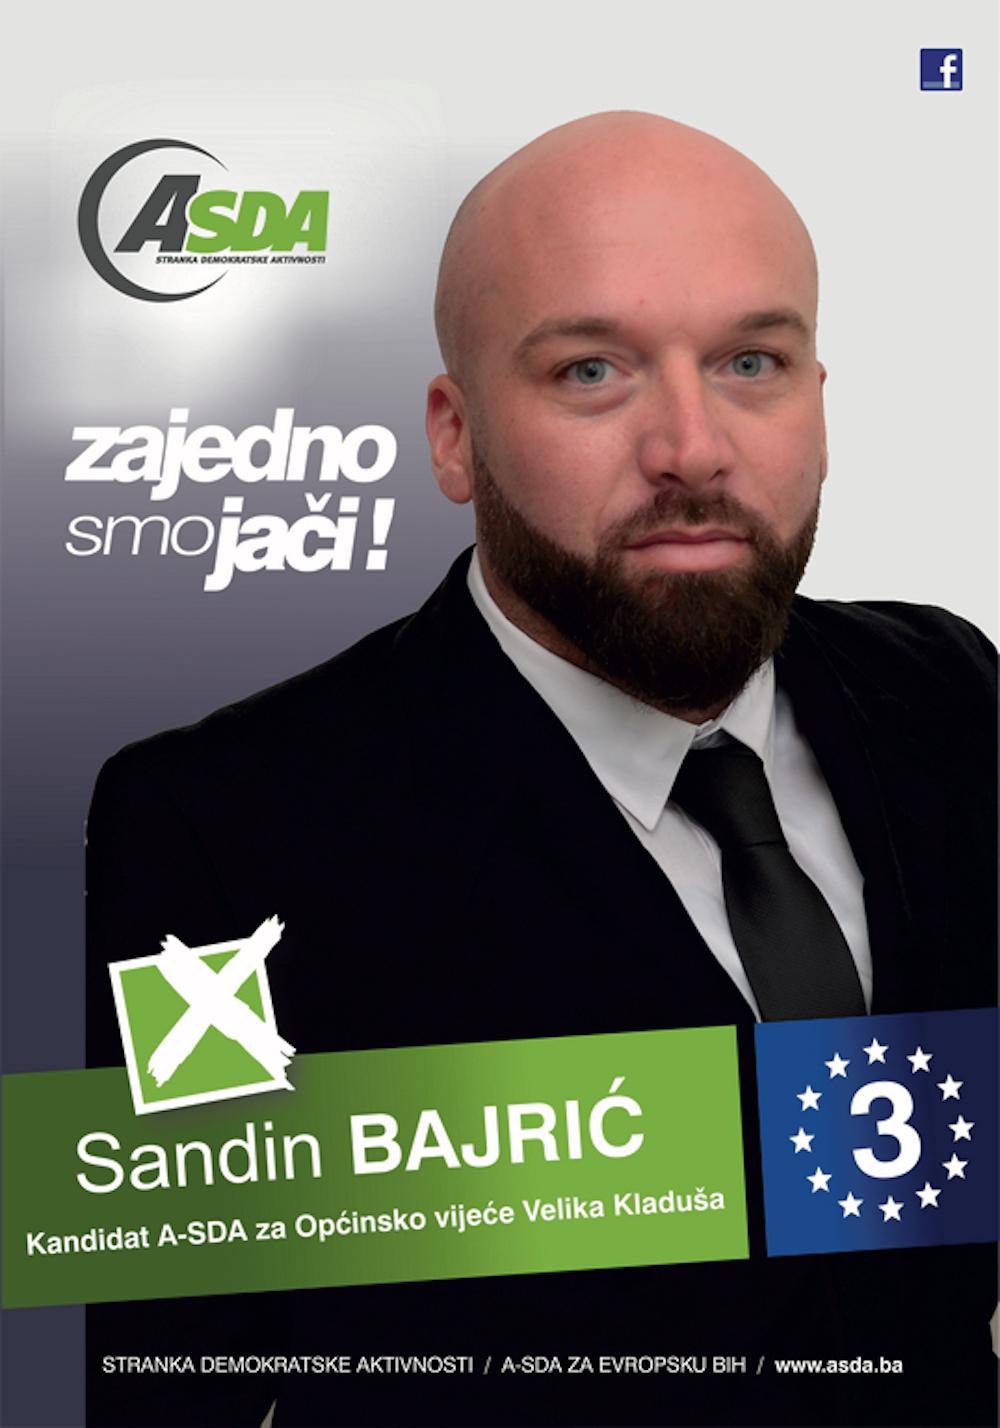 """Rođen 6.8.1985. godine Nastavnik u OŠ """"Fadil Bilal"""" Šumatac Otac 2 djece Živi u Šumatcu"""